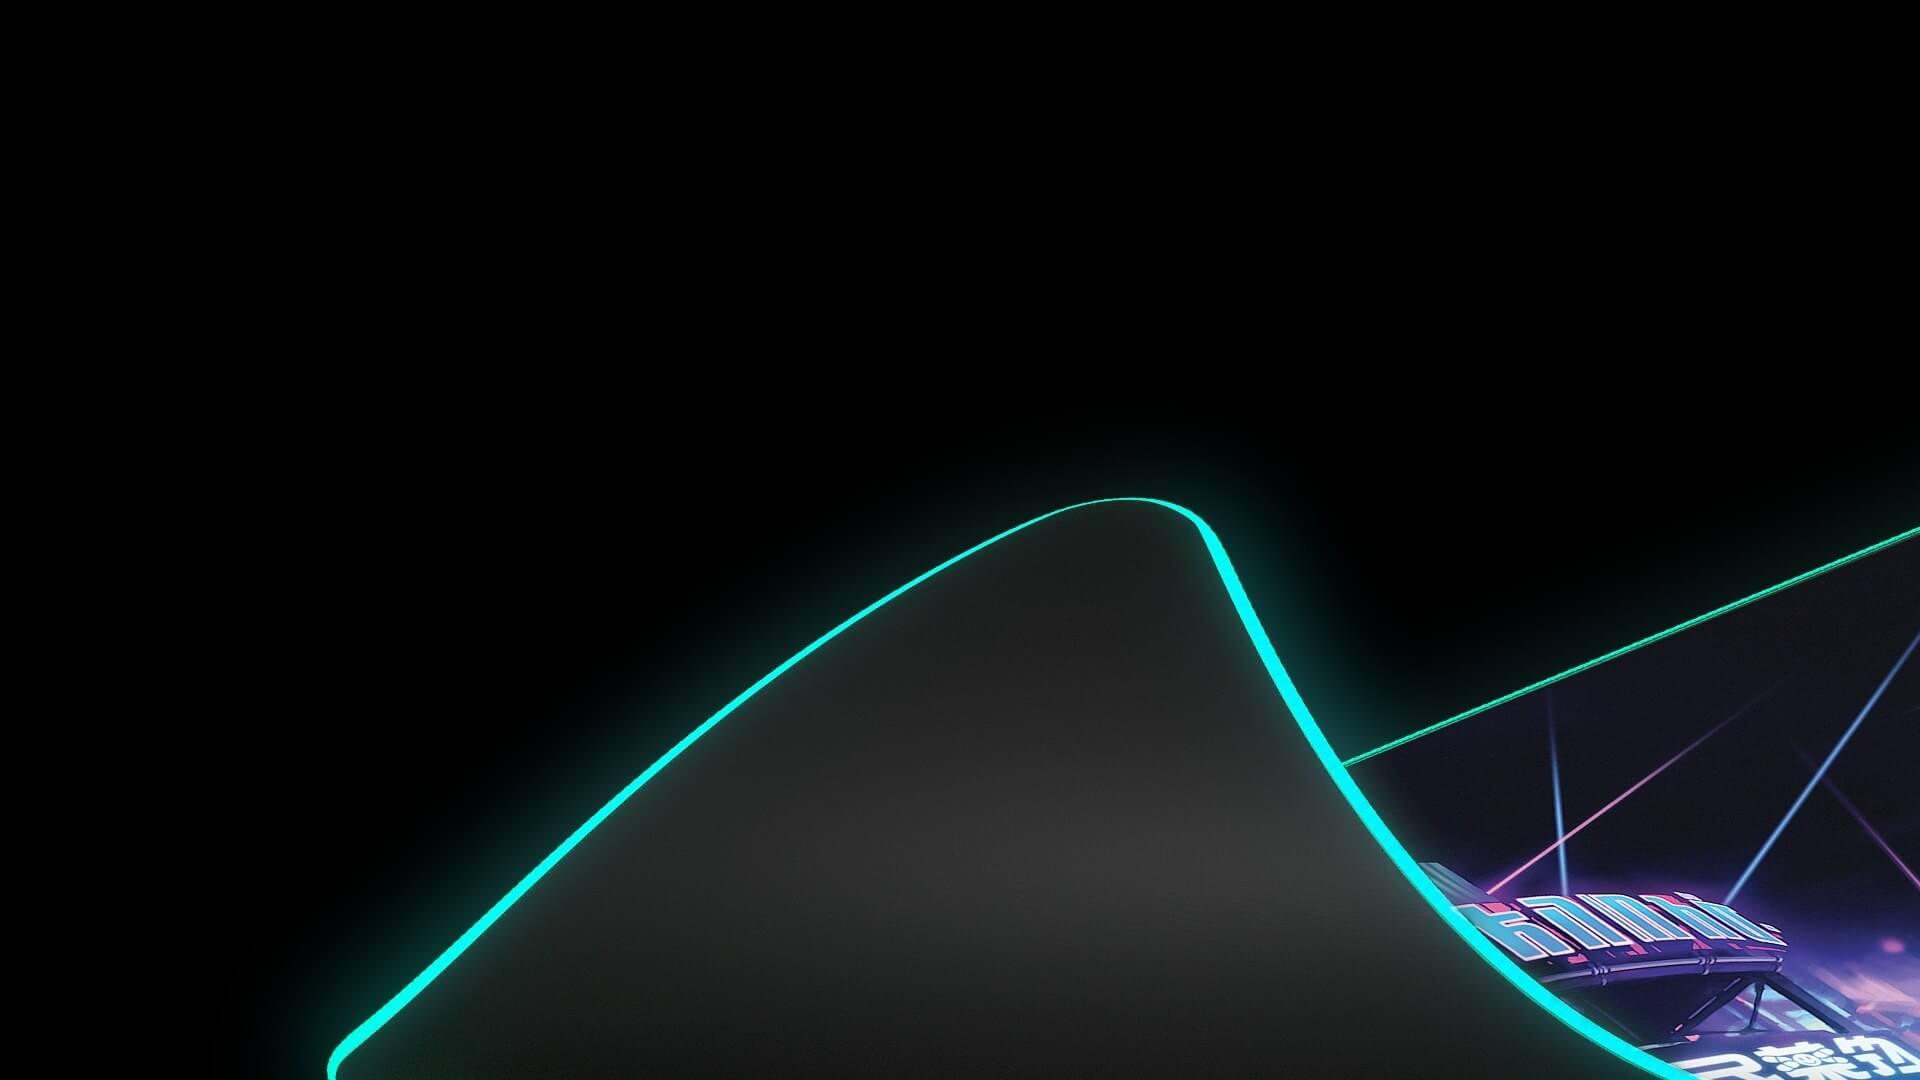 Bàn di chuột Steelseries Qck Prism(XL) Neon Rider - 63809 có đế cao su chống trượt chắc chắn tránh được chuyển động không mong muốn